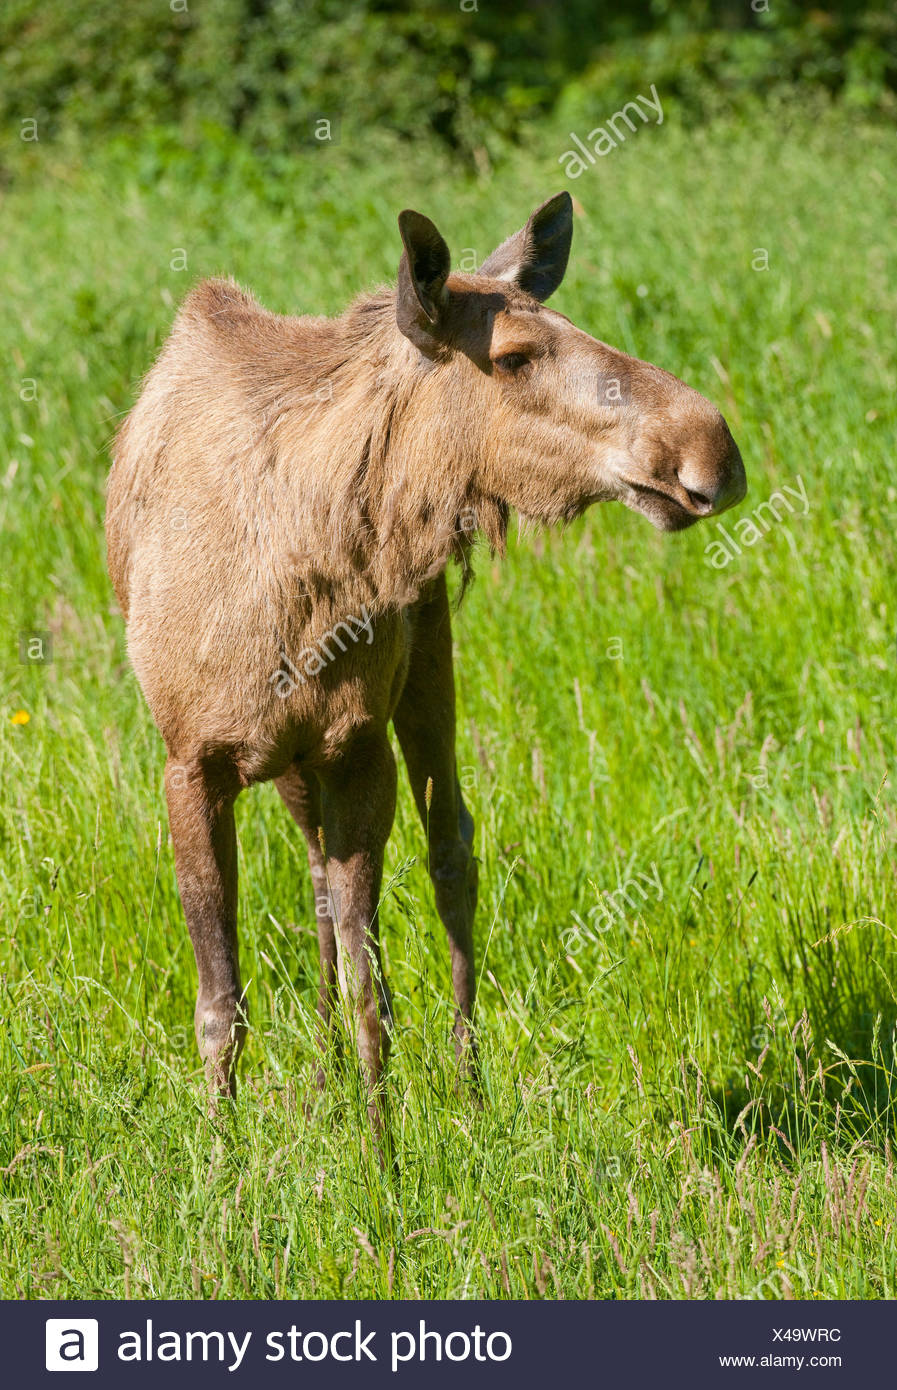 Eurasian elk - photo#43